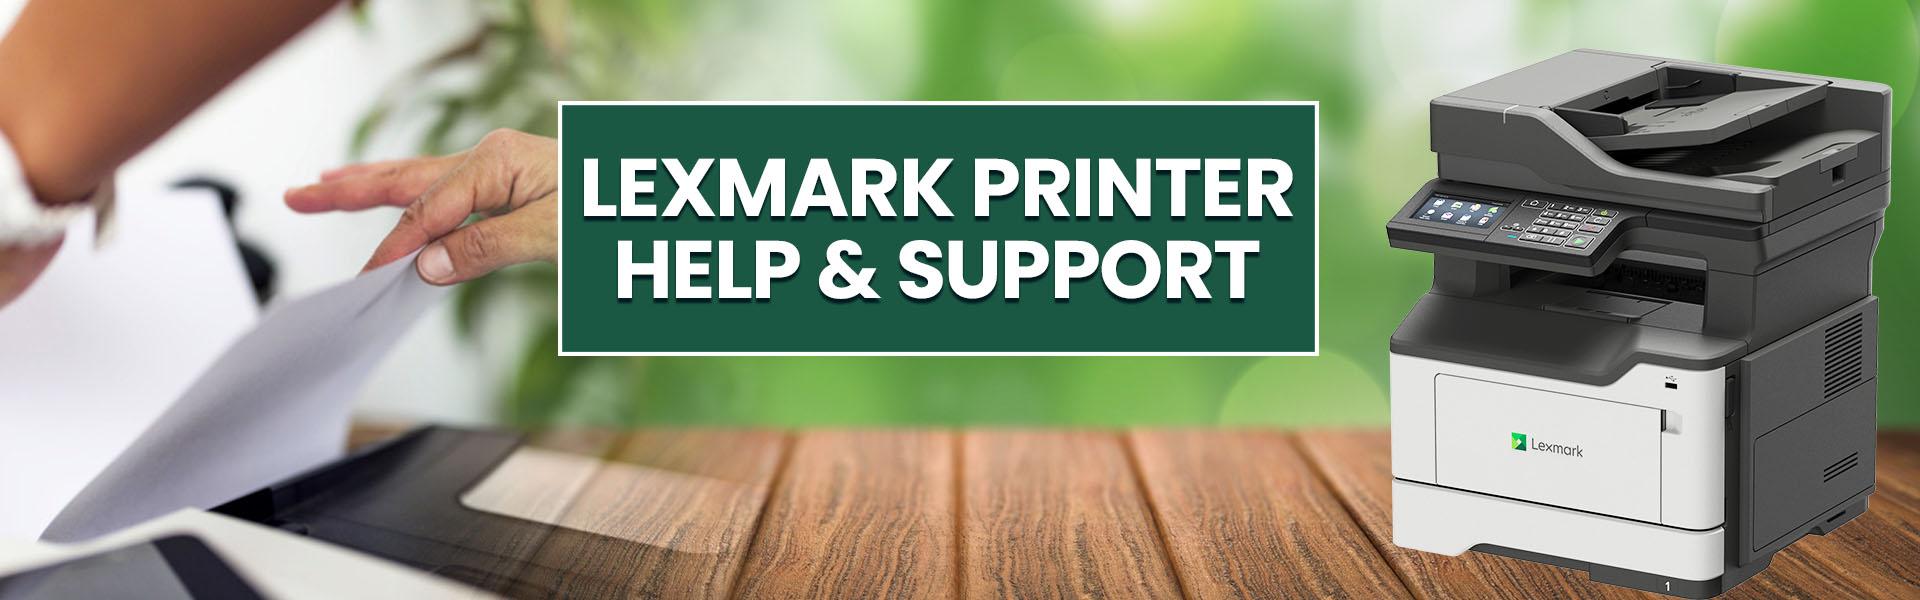 lexmark printer help support